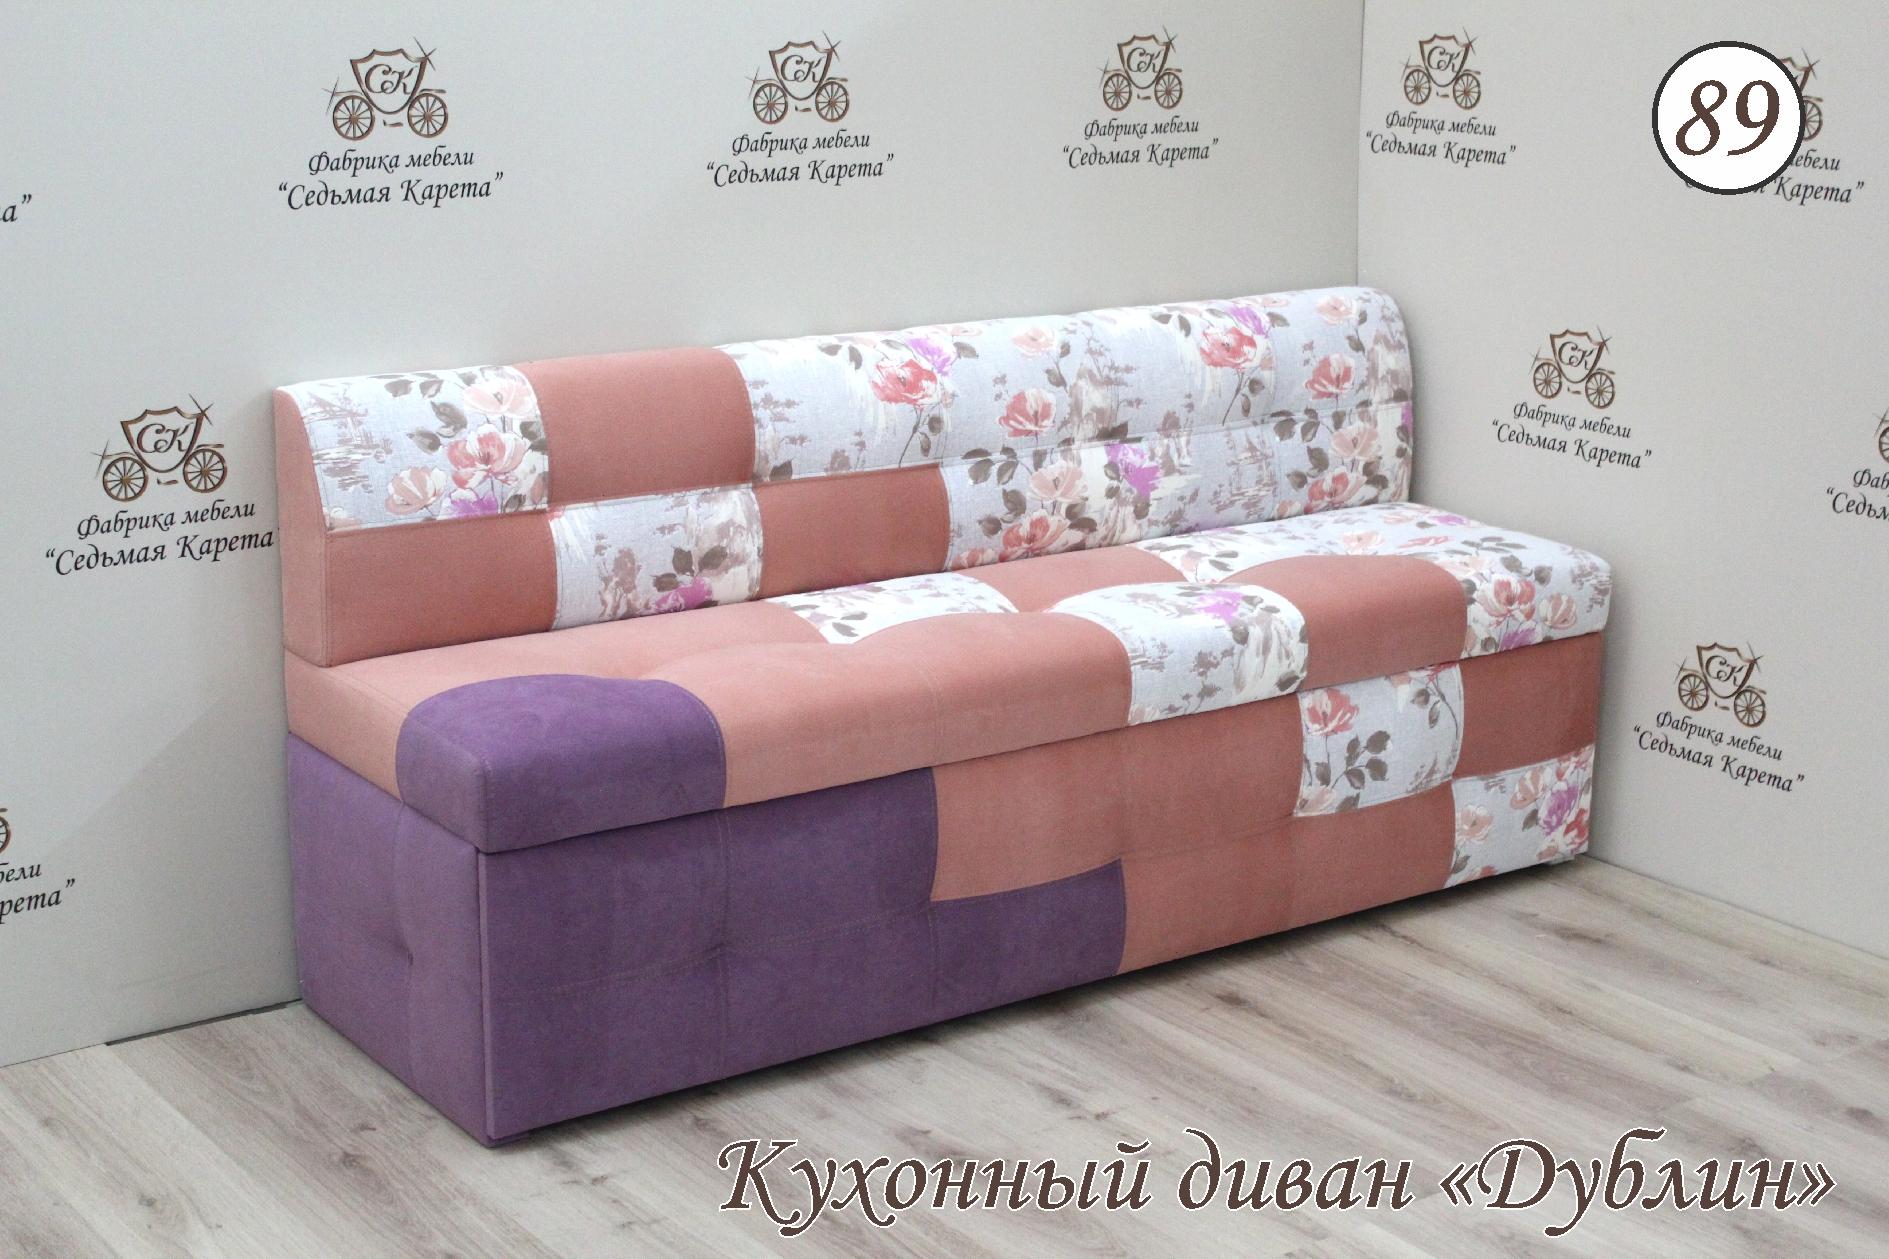 Кухонный диван Дублин АКЦИЯ!